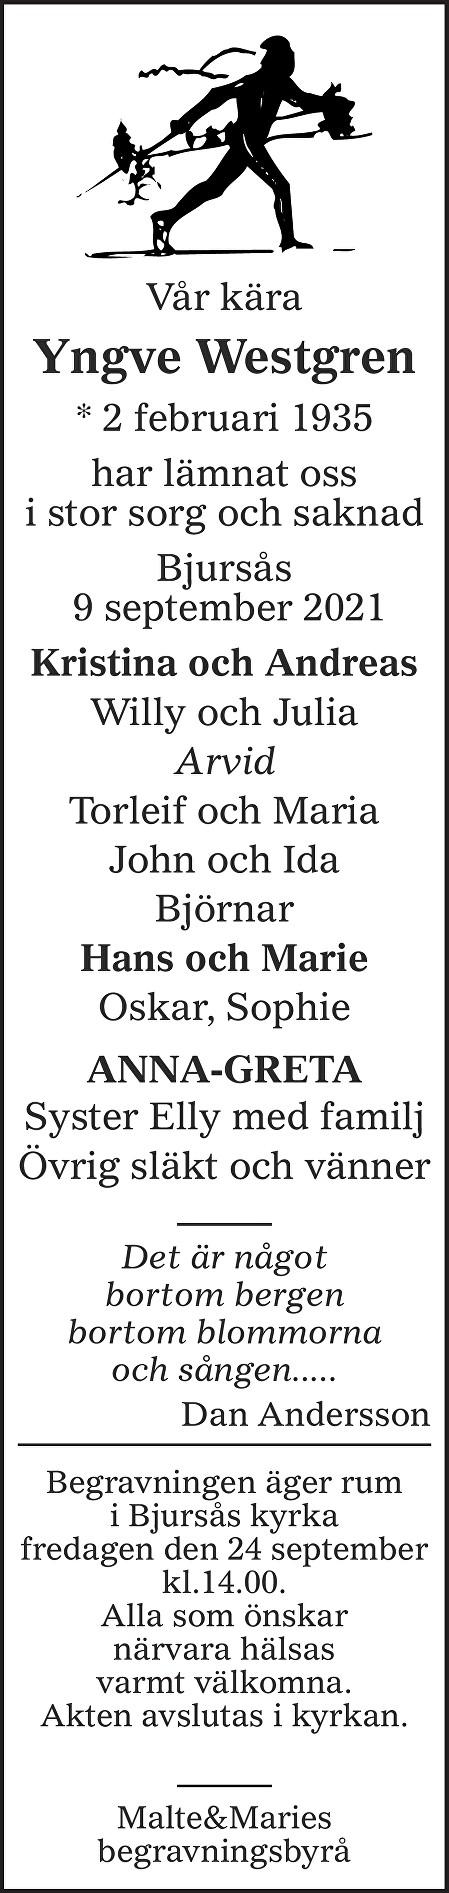 Yngve Westgren Death notice